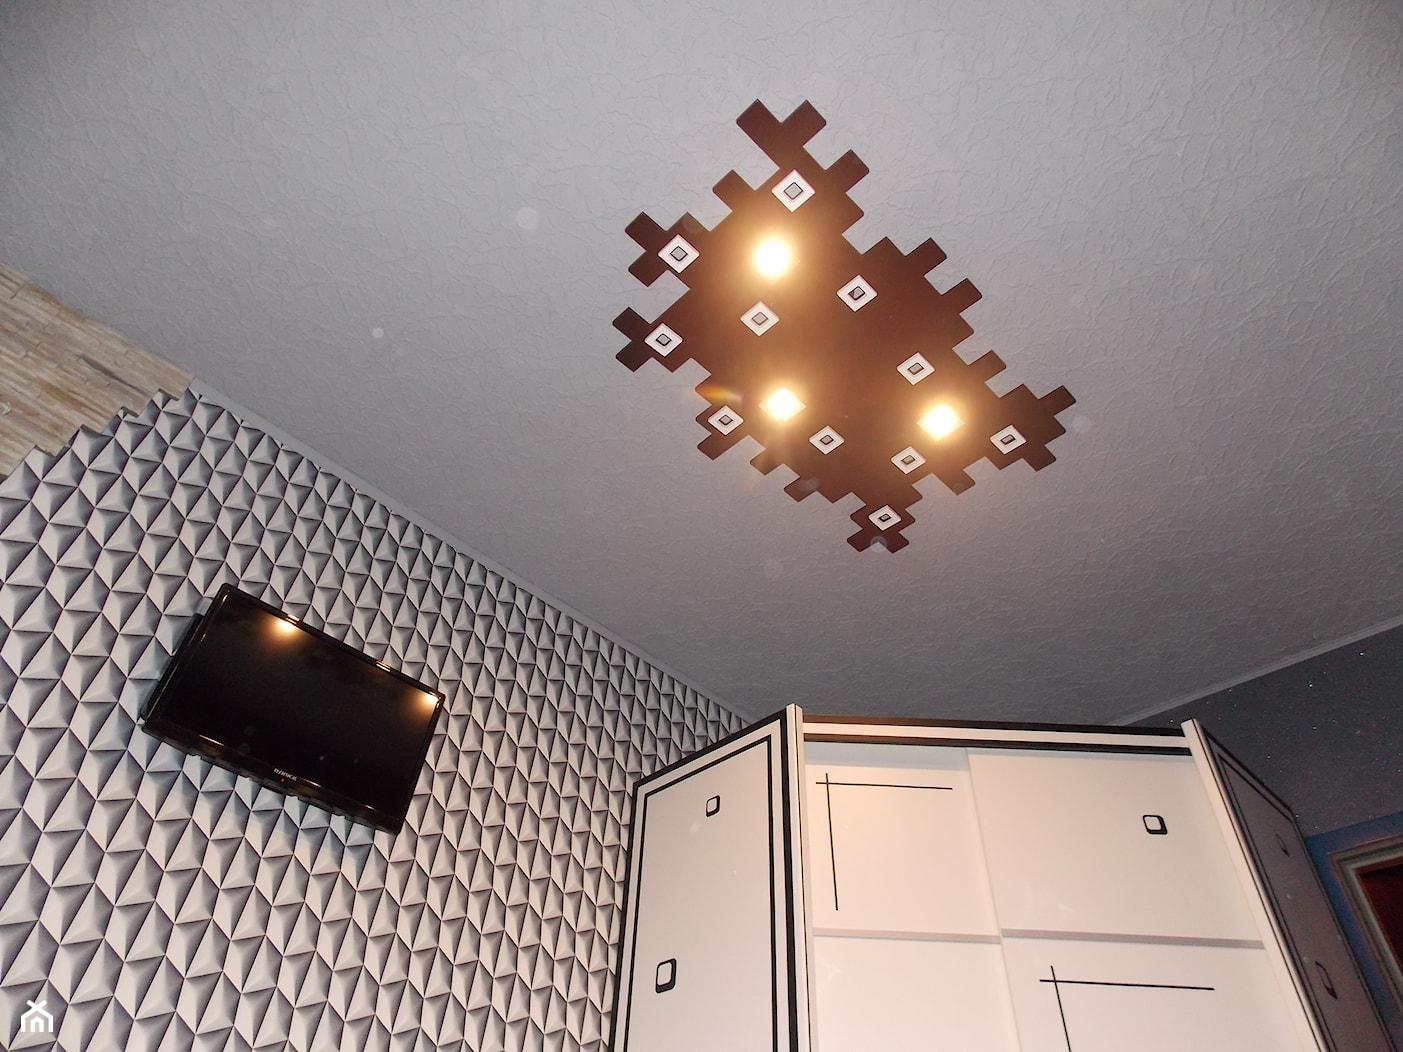 Lampa / Plafon wzór Caro - zdjęcie od TKLED Tomasz Kubik - Homebook